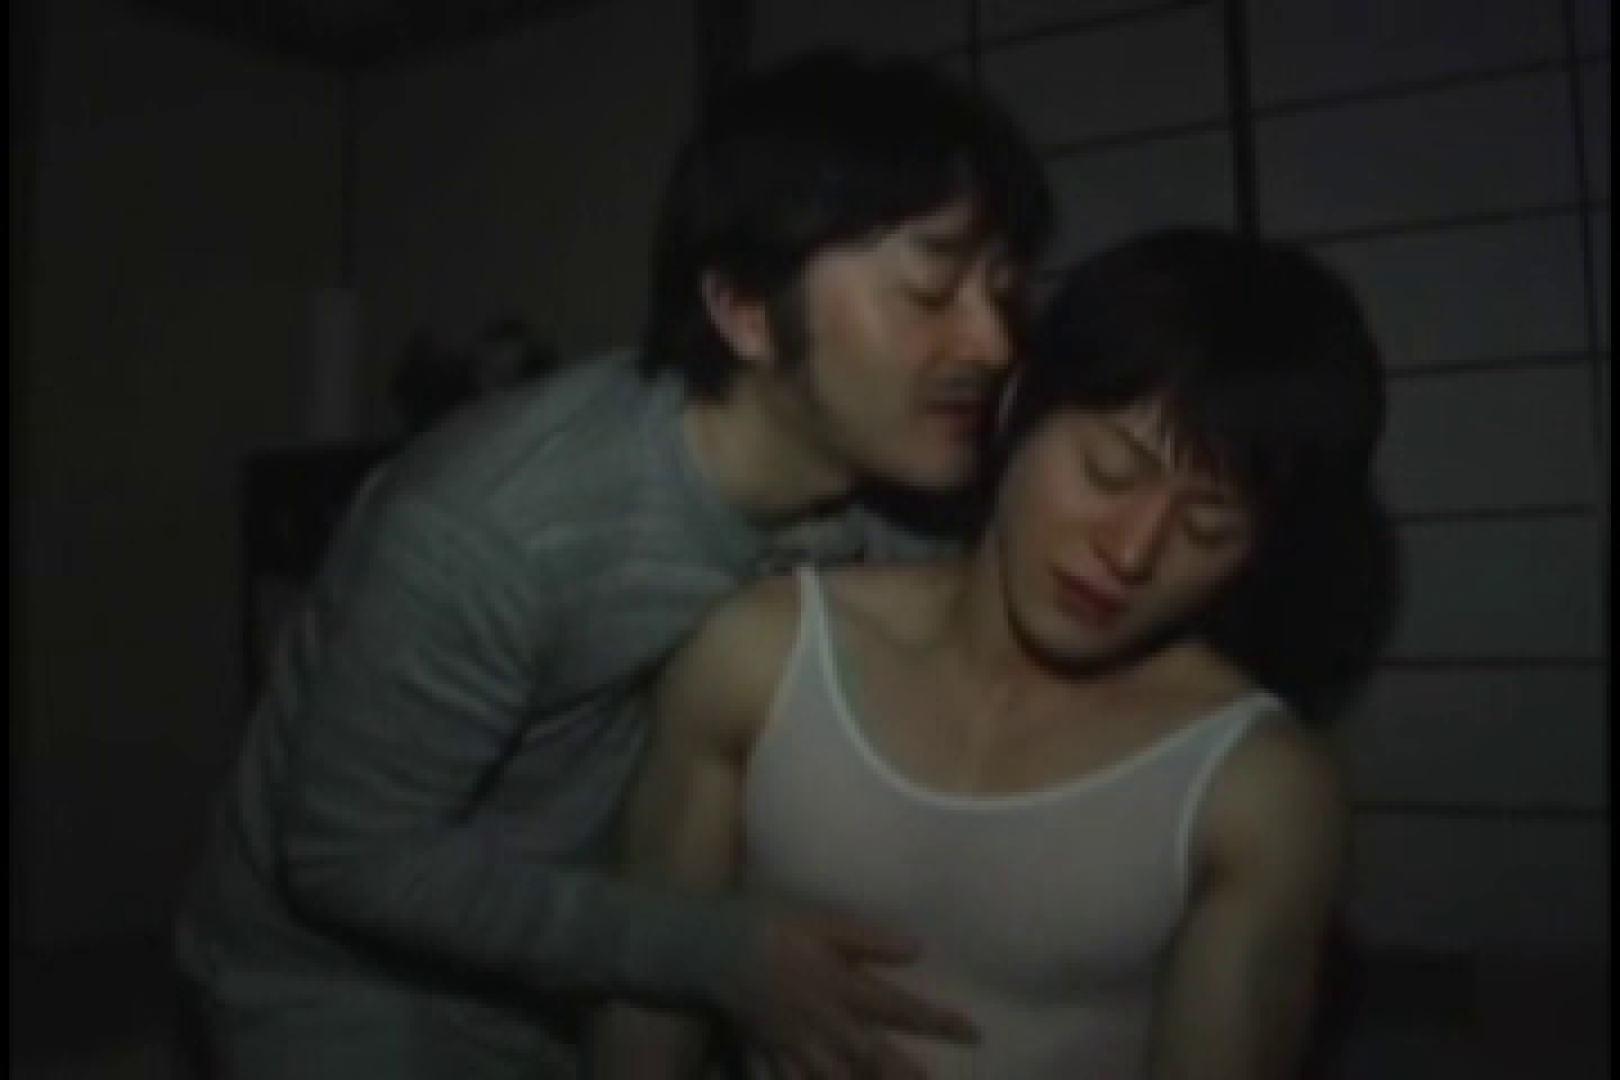 青年体操選手の脱ノンケvol.2 男・男 ゲイ無修正動画画像 65pic 20